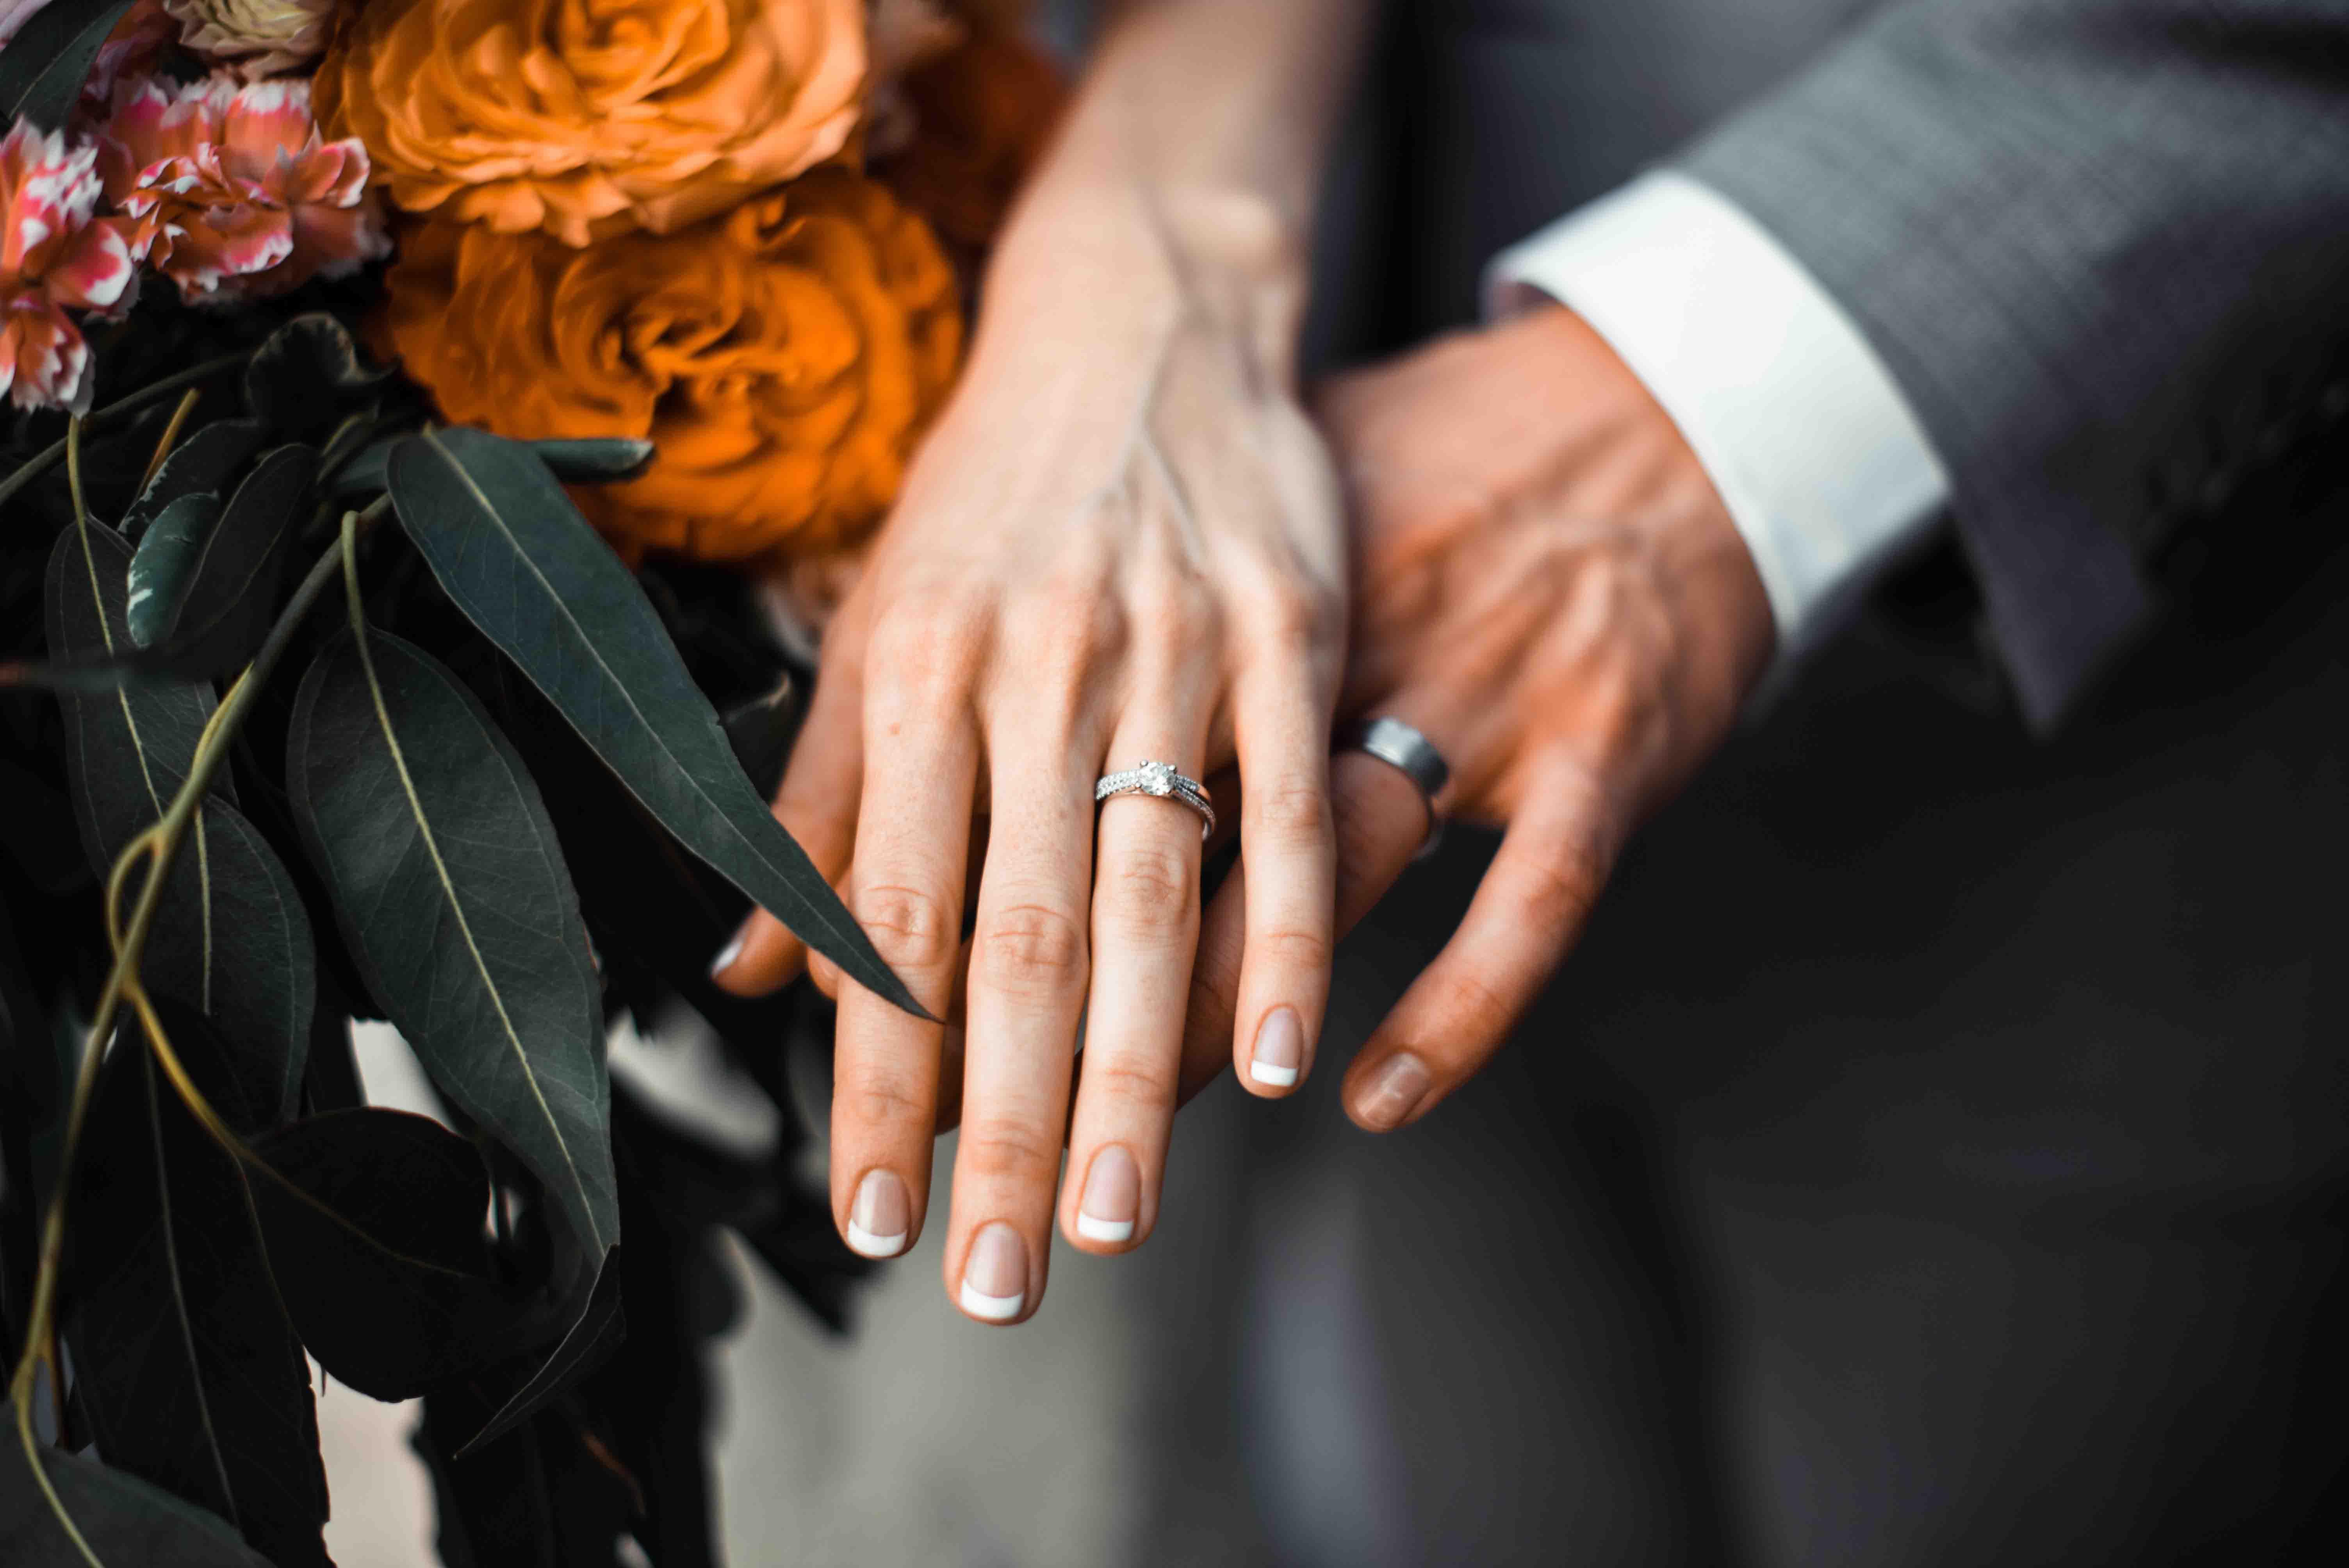 bàn tay đeo nhẫn cầu hôn